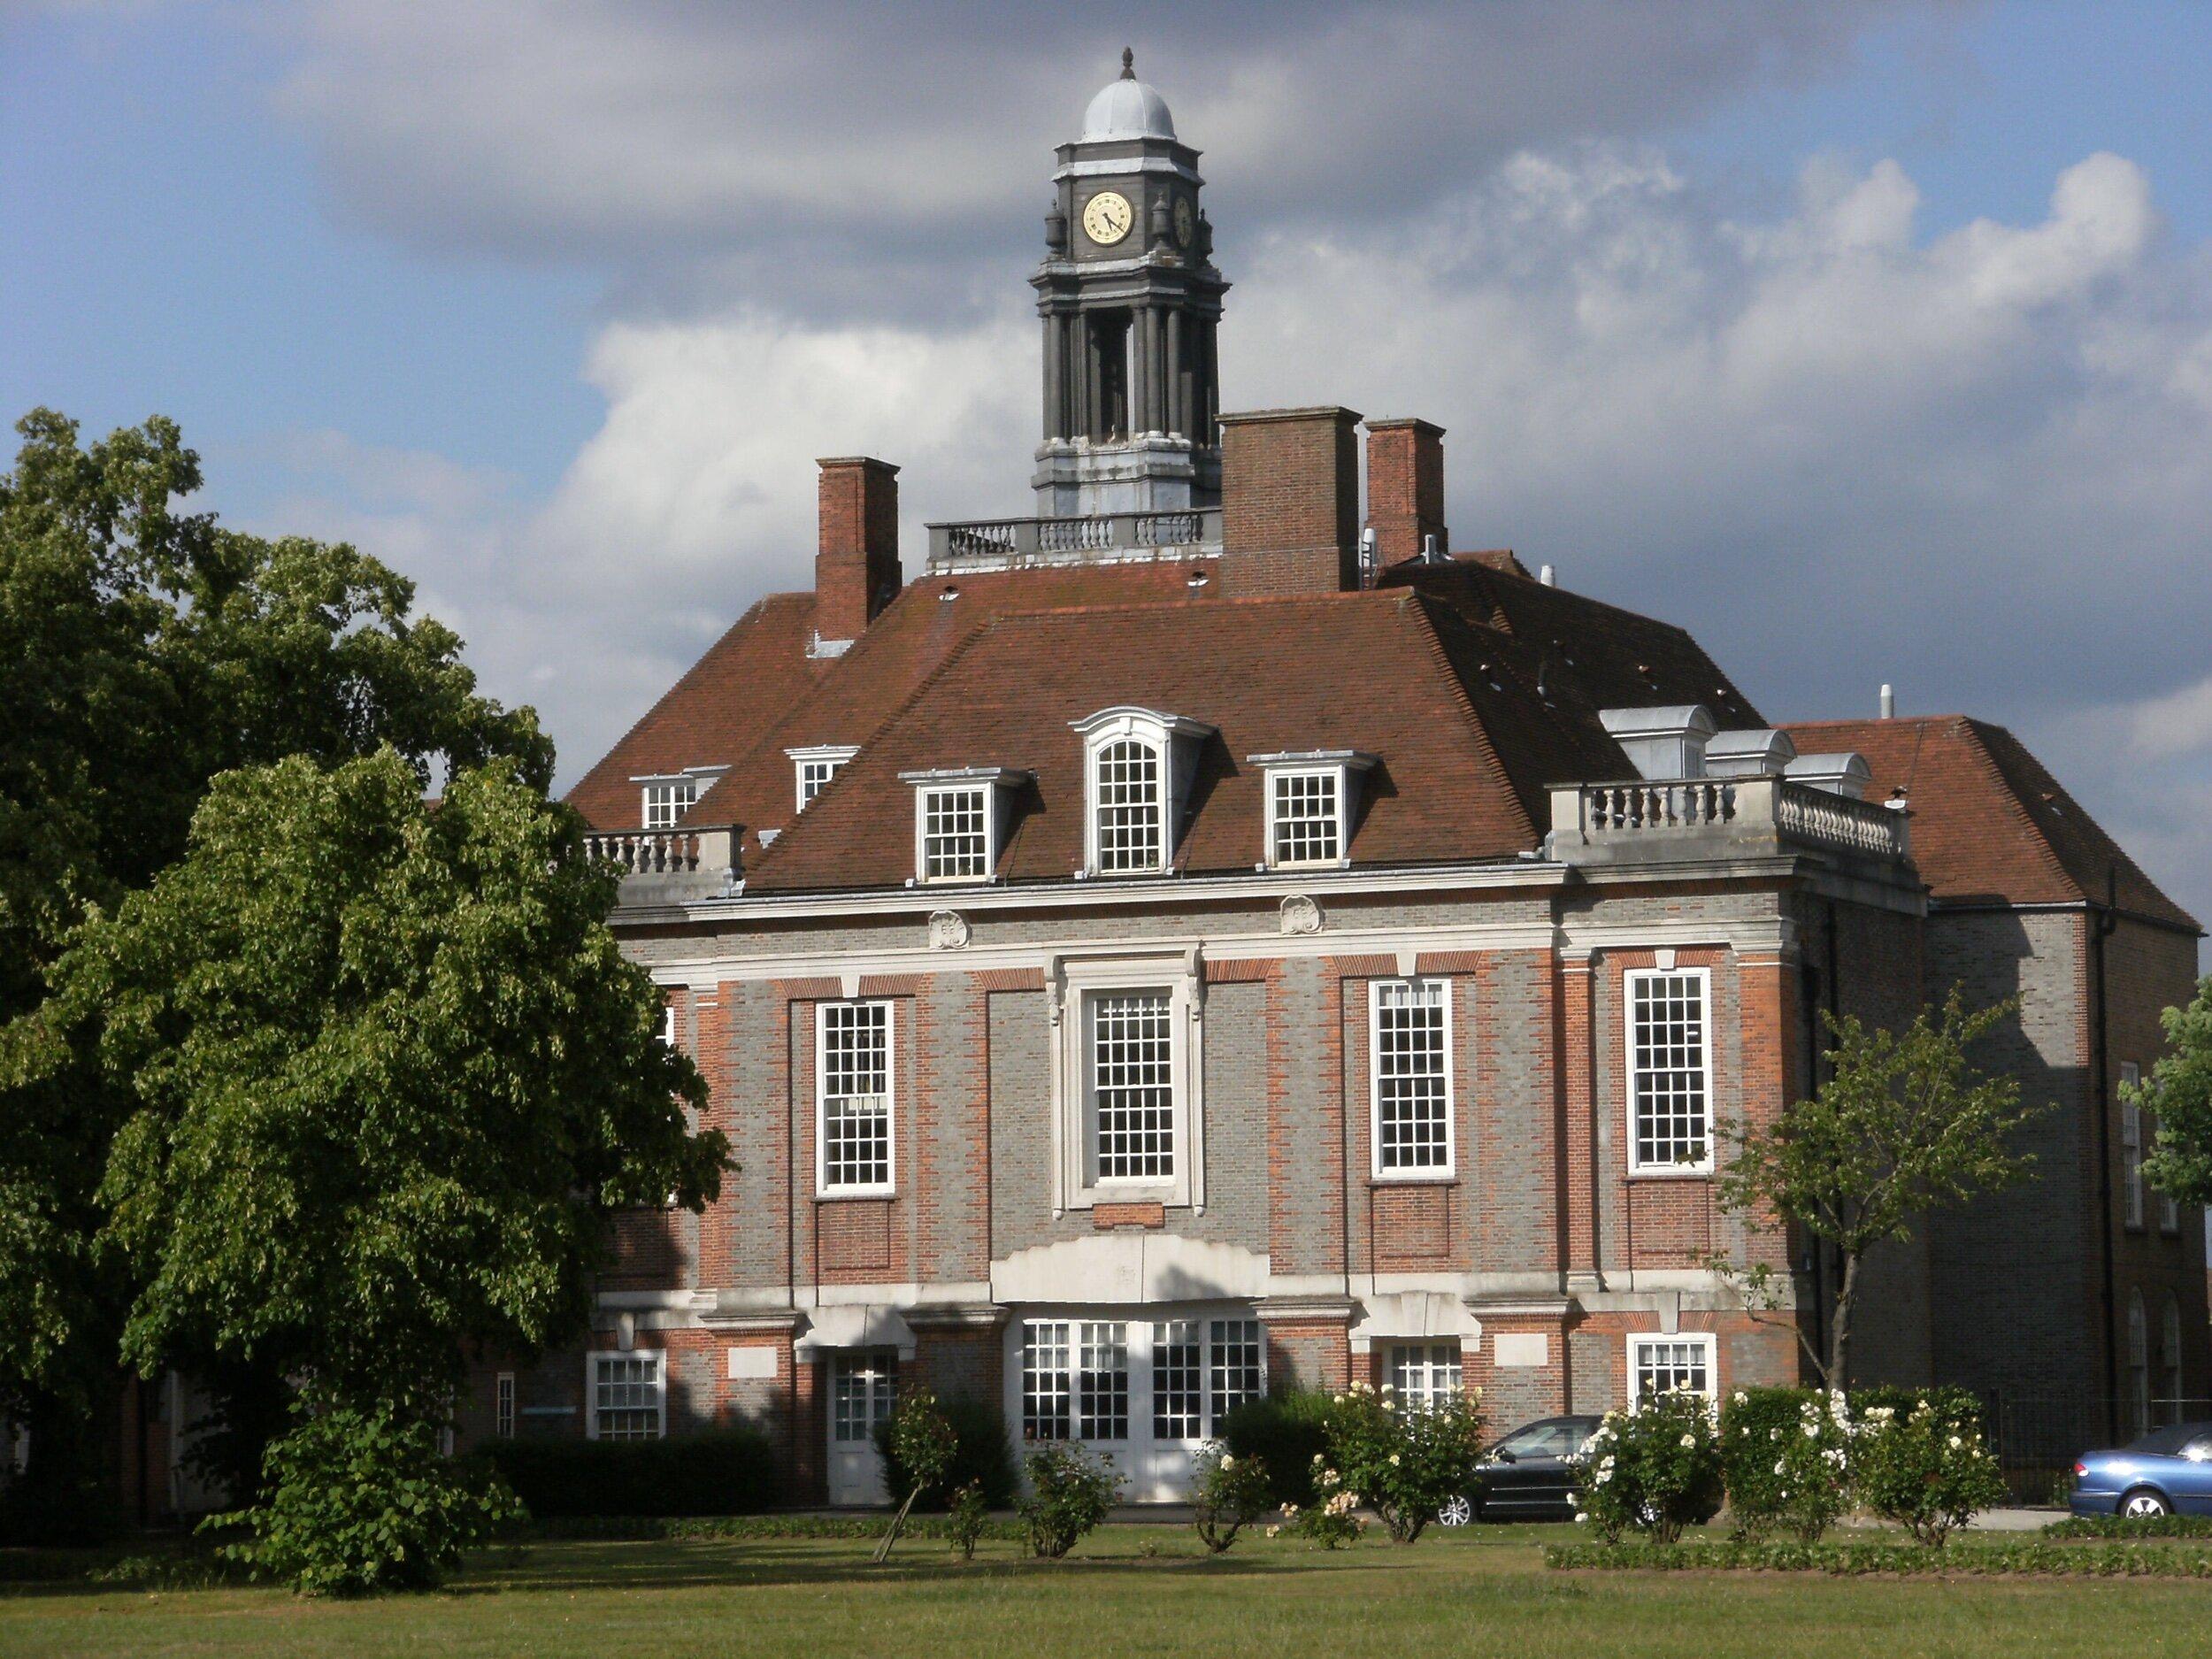 A picture of Henrietta Barnett School*